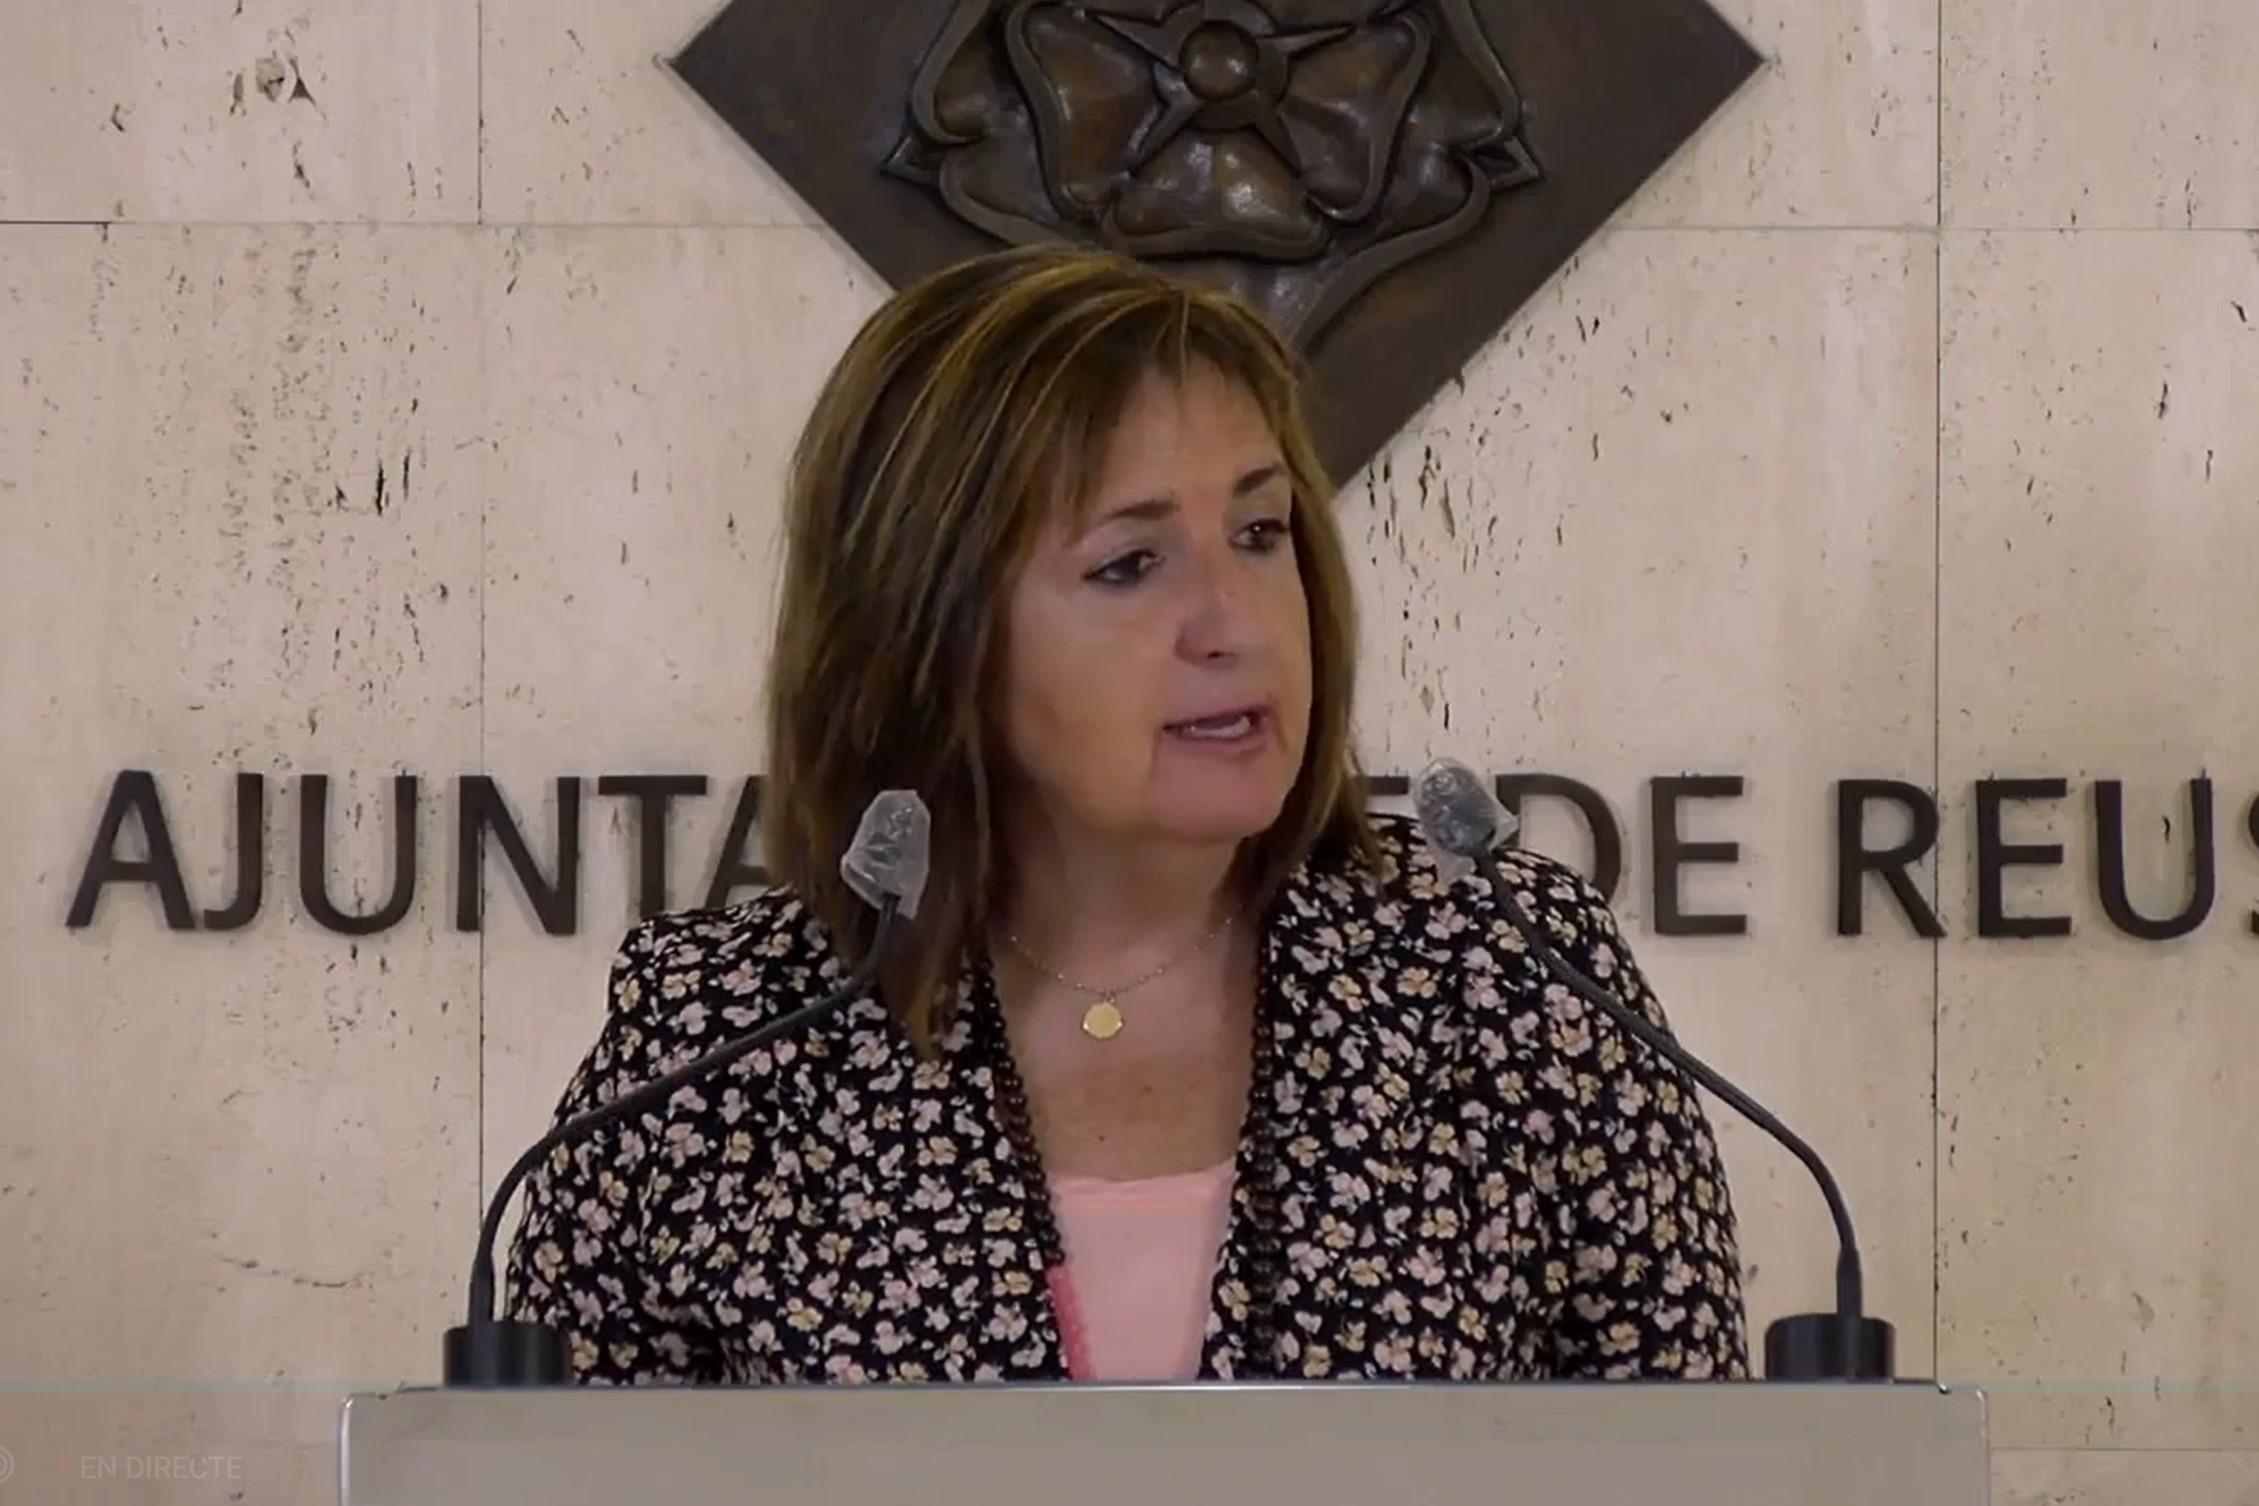 L'Ajuntament de Reus amplia i millora els canals d'informació i atenció al contribuent, d'acord al projecte de transformació digital de ...